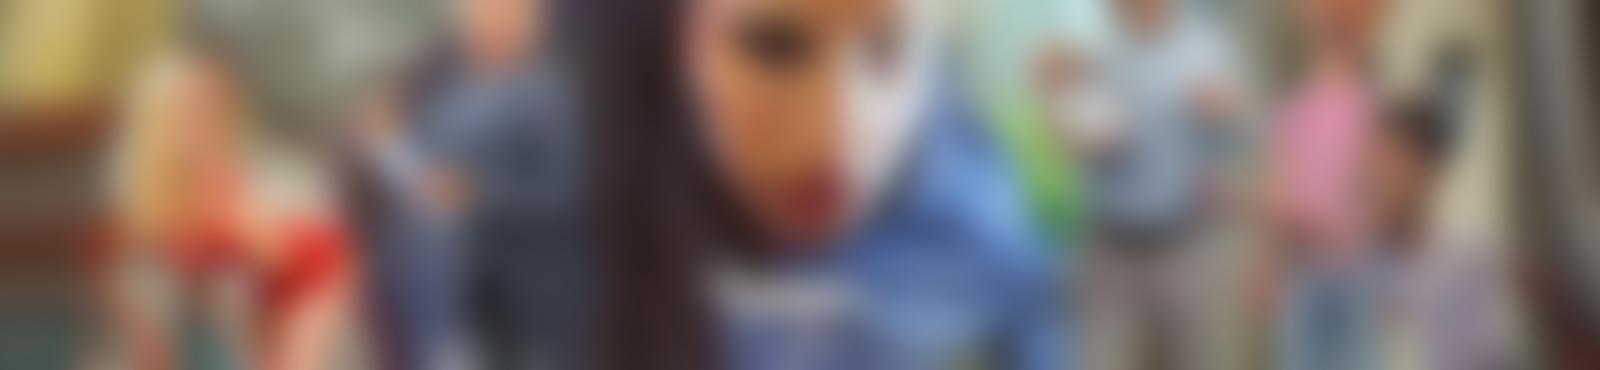 Blurred 06d7dabf a4c3 4af0 a8e6 7e2c88b5013d